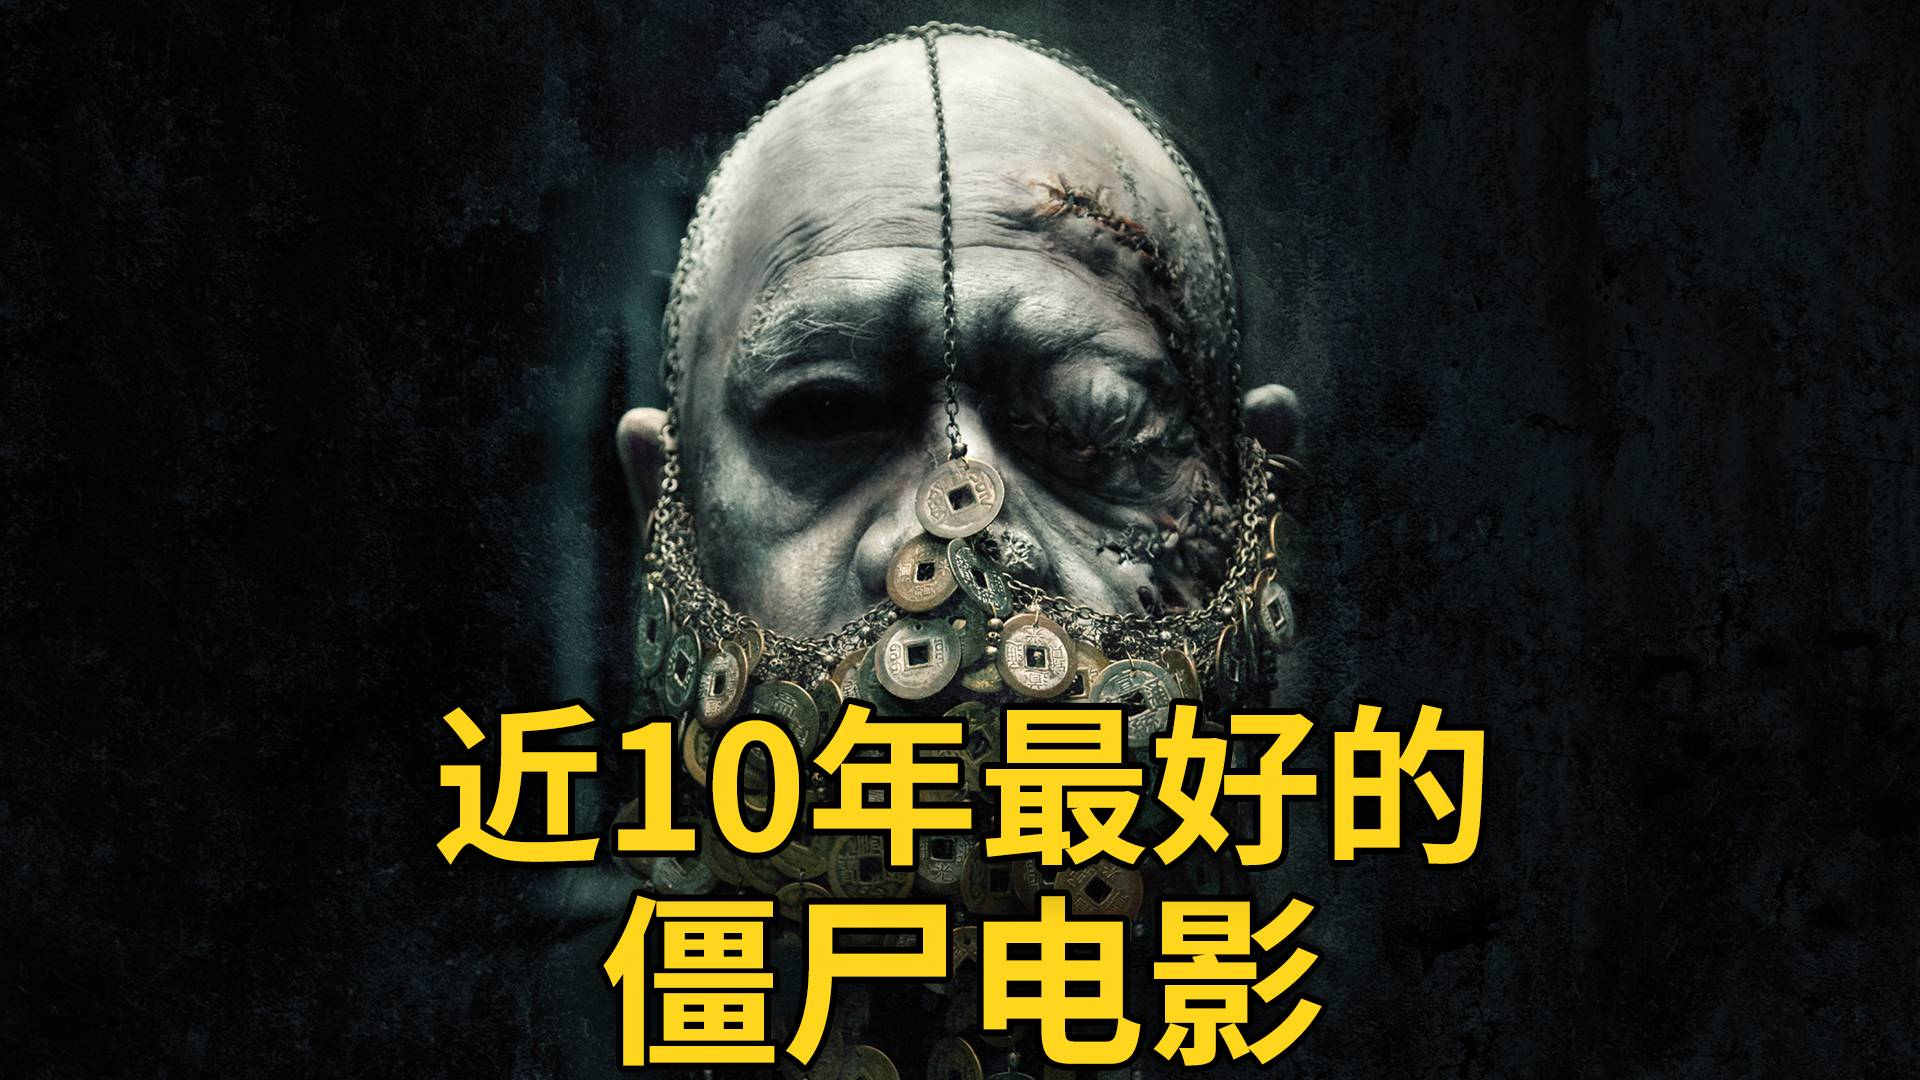 【阿斗】豆瓣7.9!致敬经典,近10年来最好的的僵尸电影《僵尸》